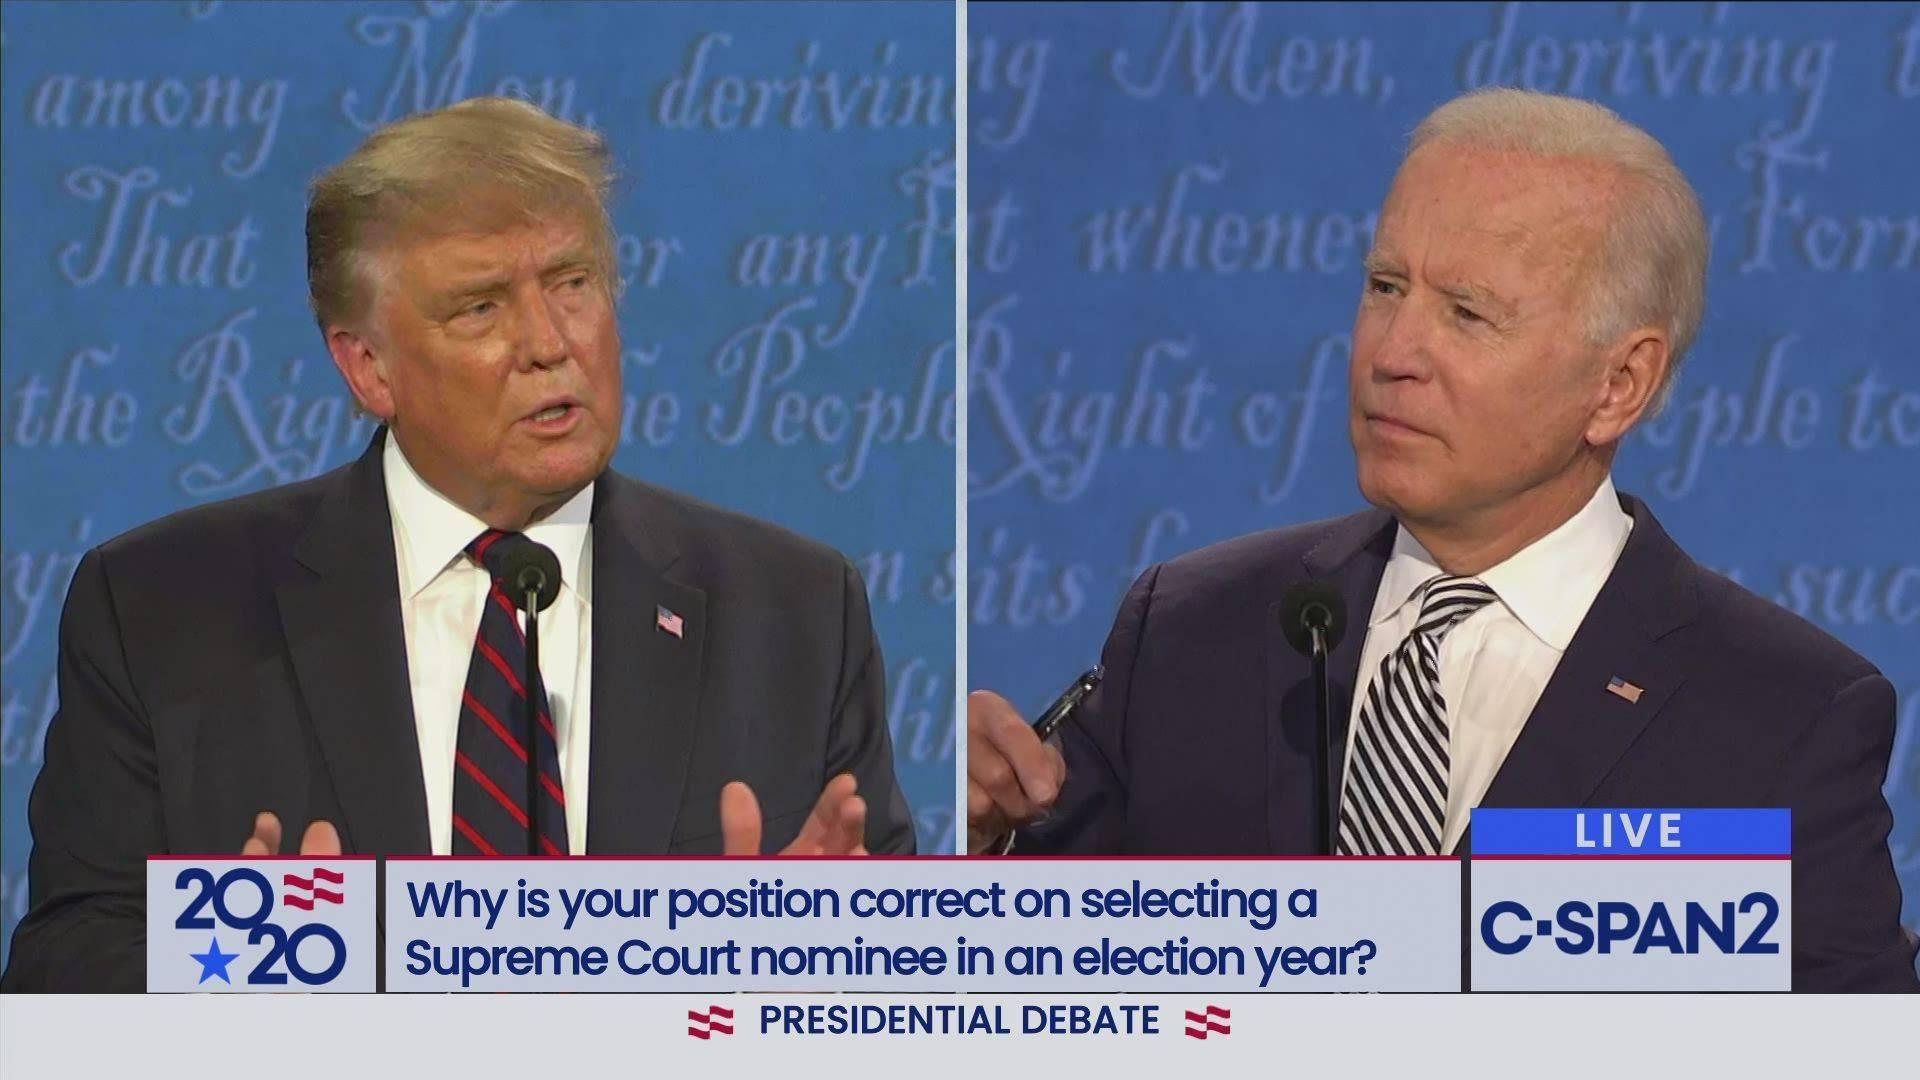 美国2020年大选第二次总统辩论将通过视频直播远程进行